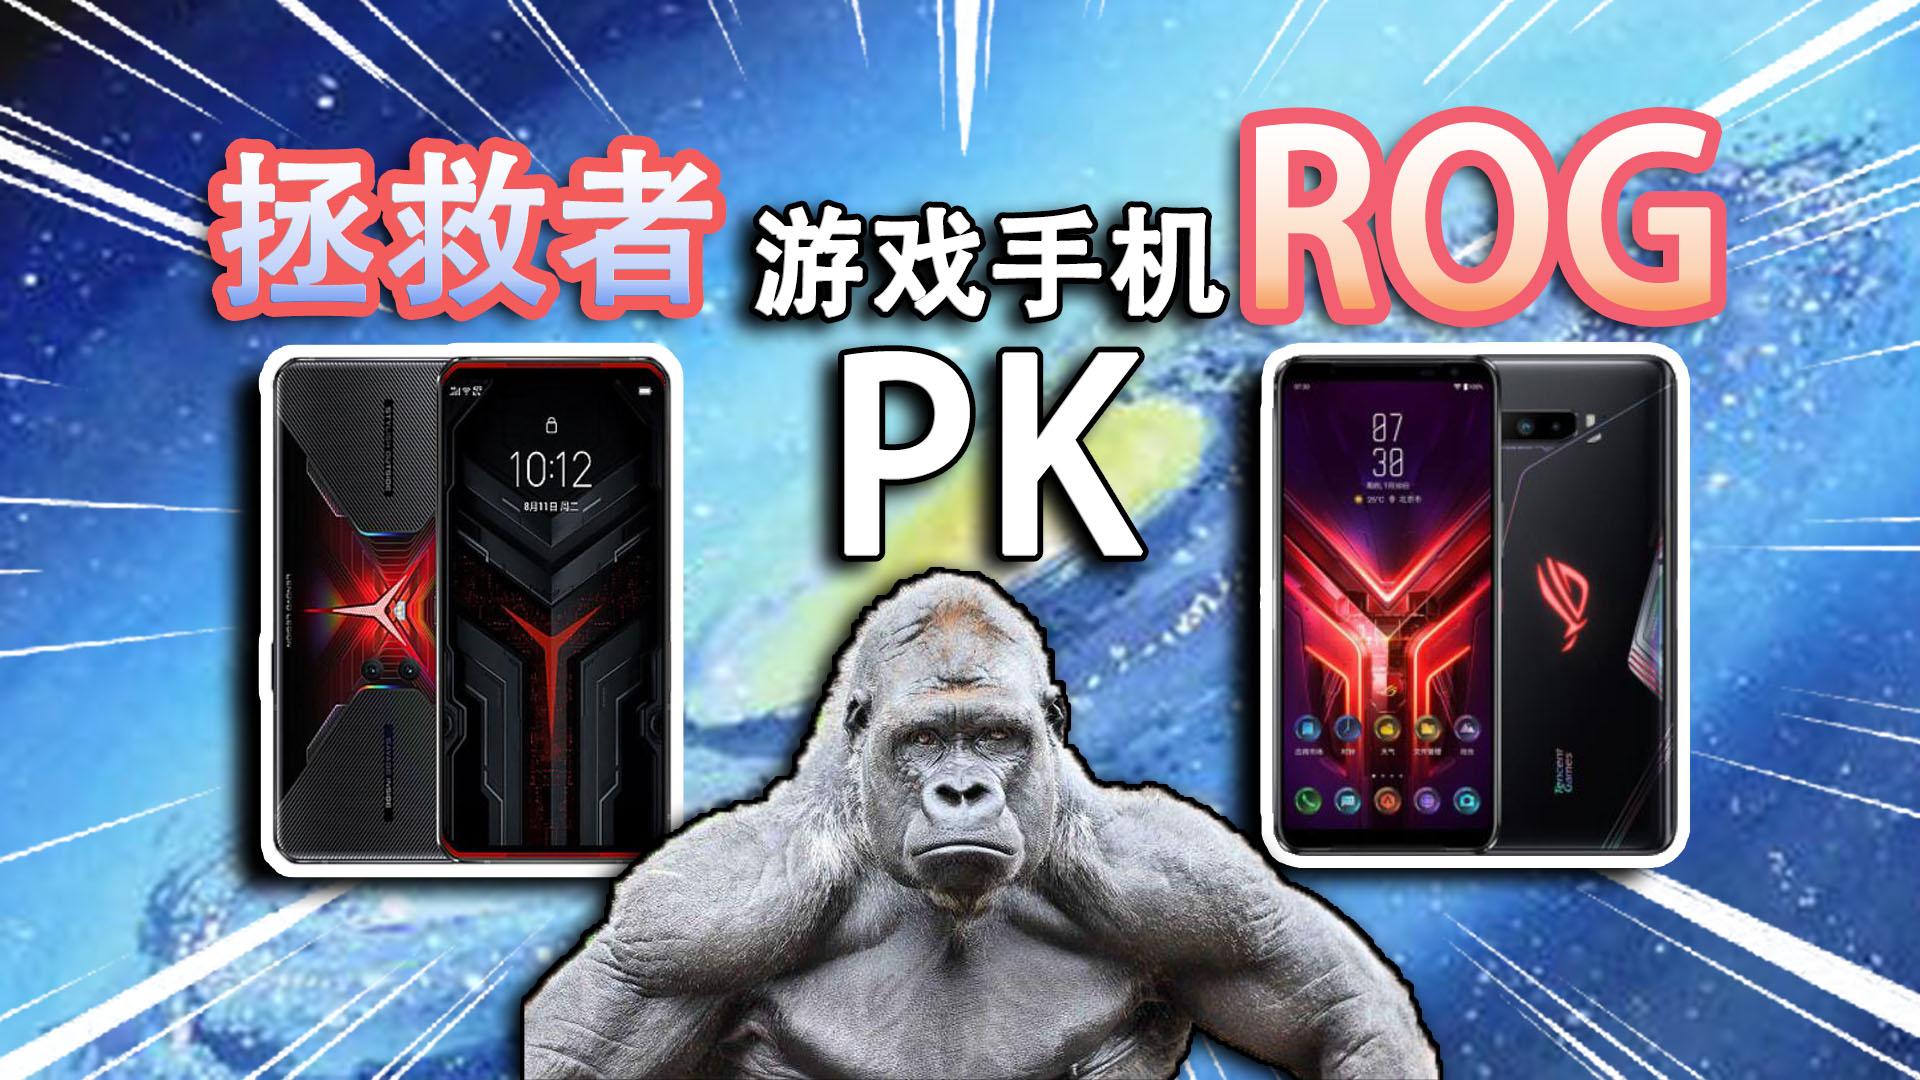 【骁龙865Plus之战】拯救者电竞手机Pro和ROG游戏手机3,谁狙击了谁?我会买哪个?